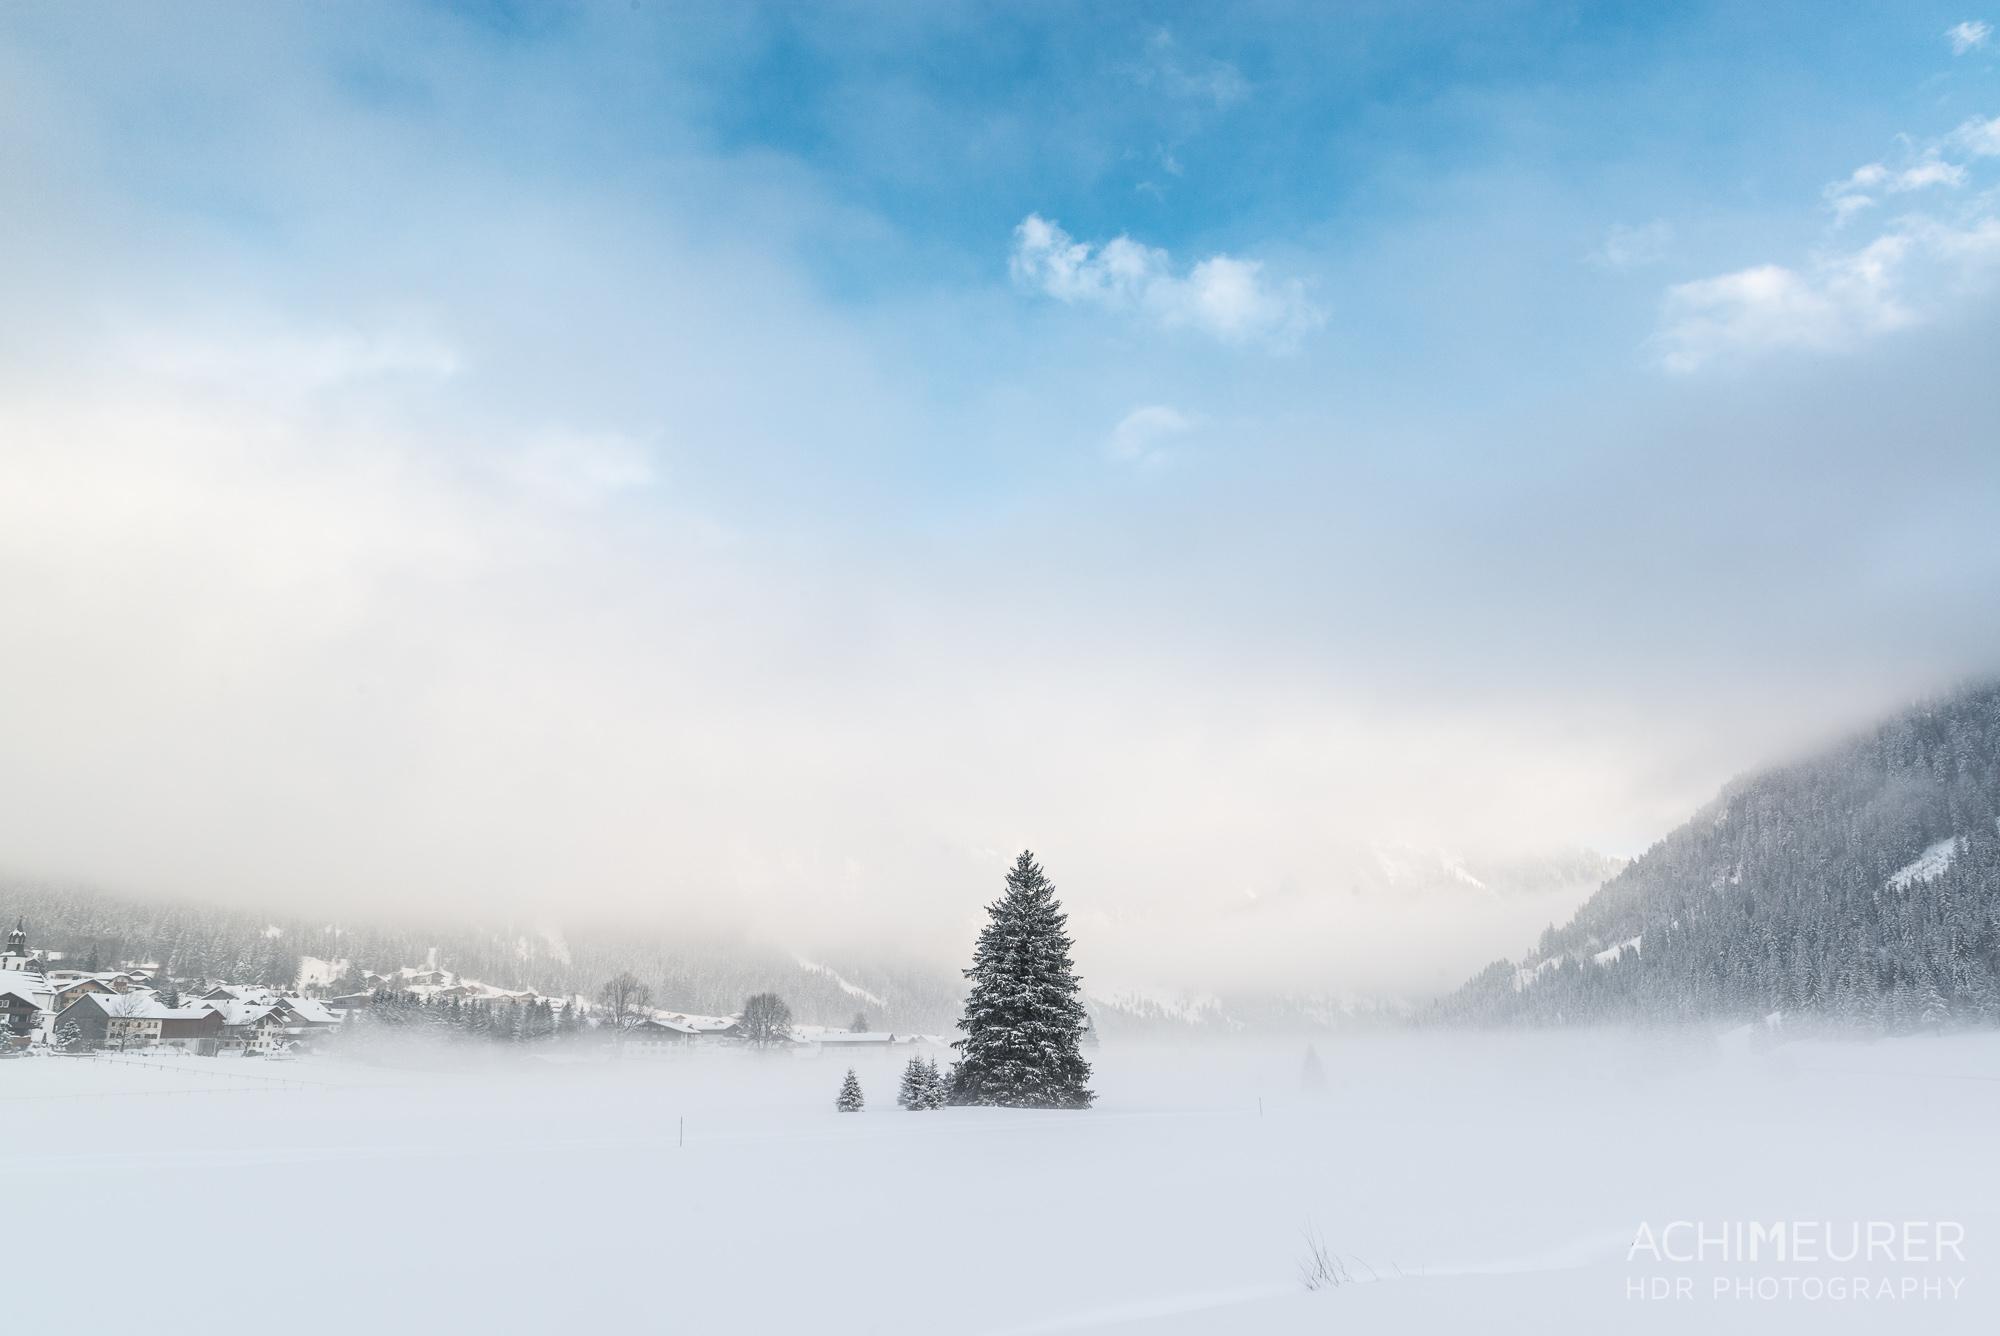 Die-schoensten-Winterfotos-Winterlandschaft-12 by Achim Meurer.